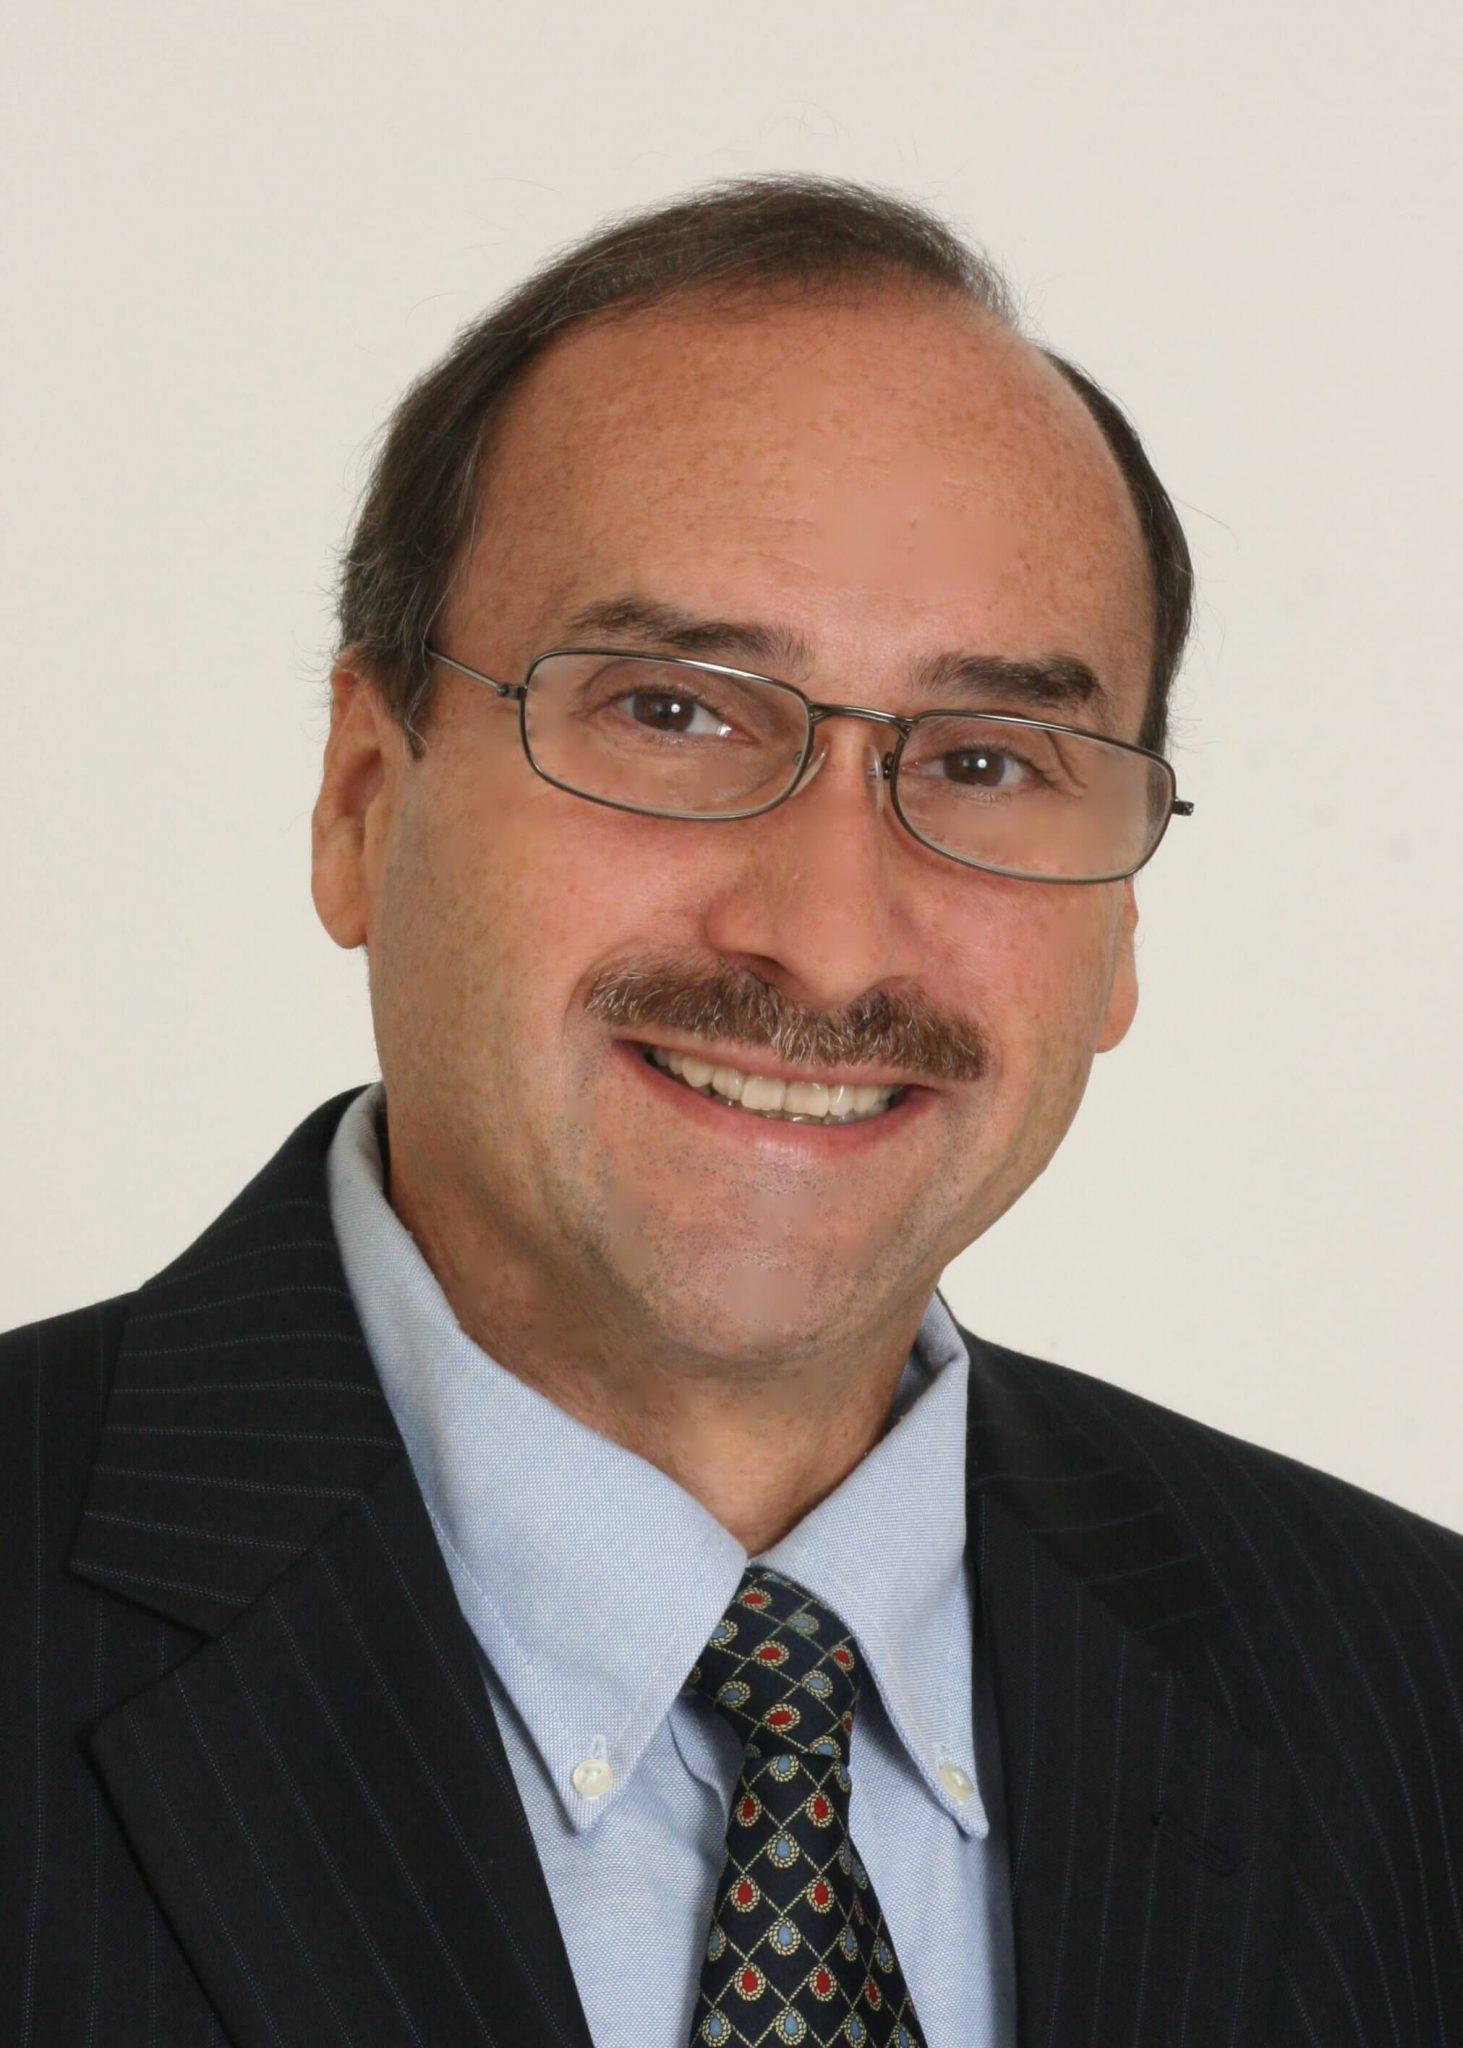 Robert Kirnard